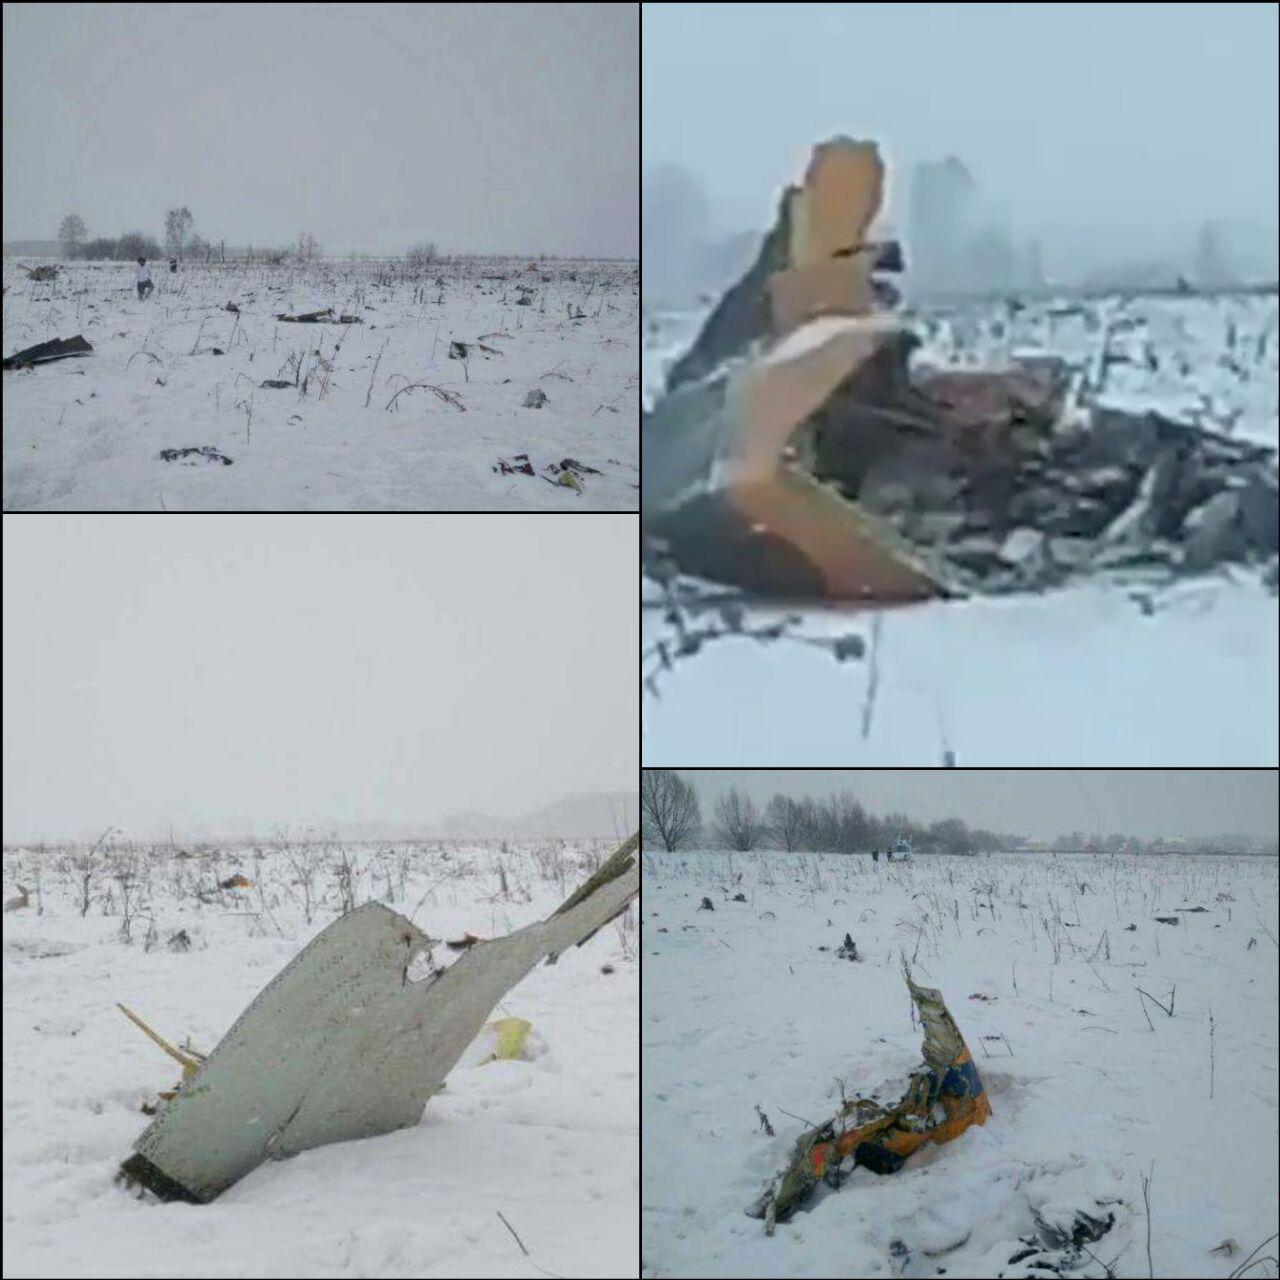 71 personas mueren al estrellarse un avión ruso cerca de Moscú